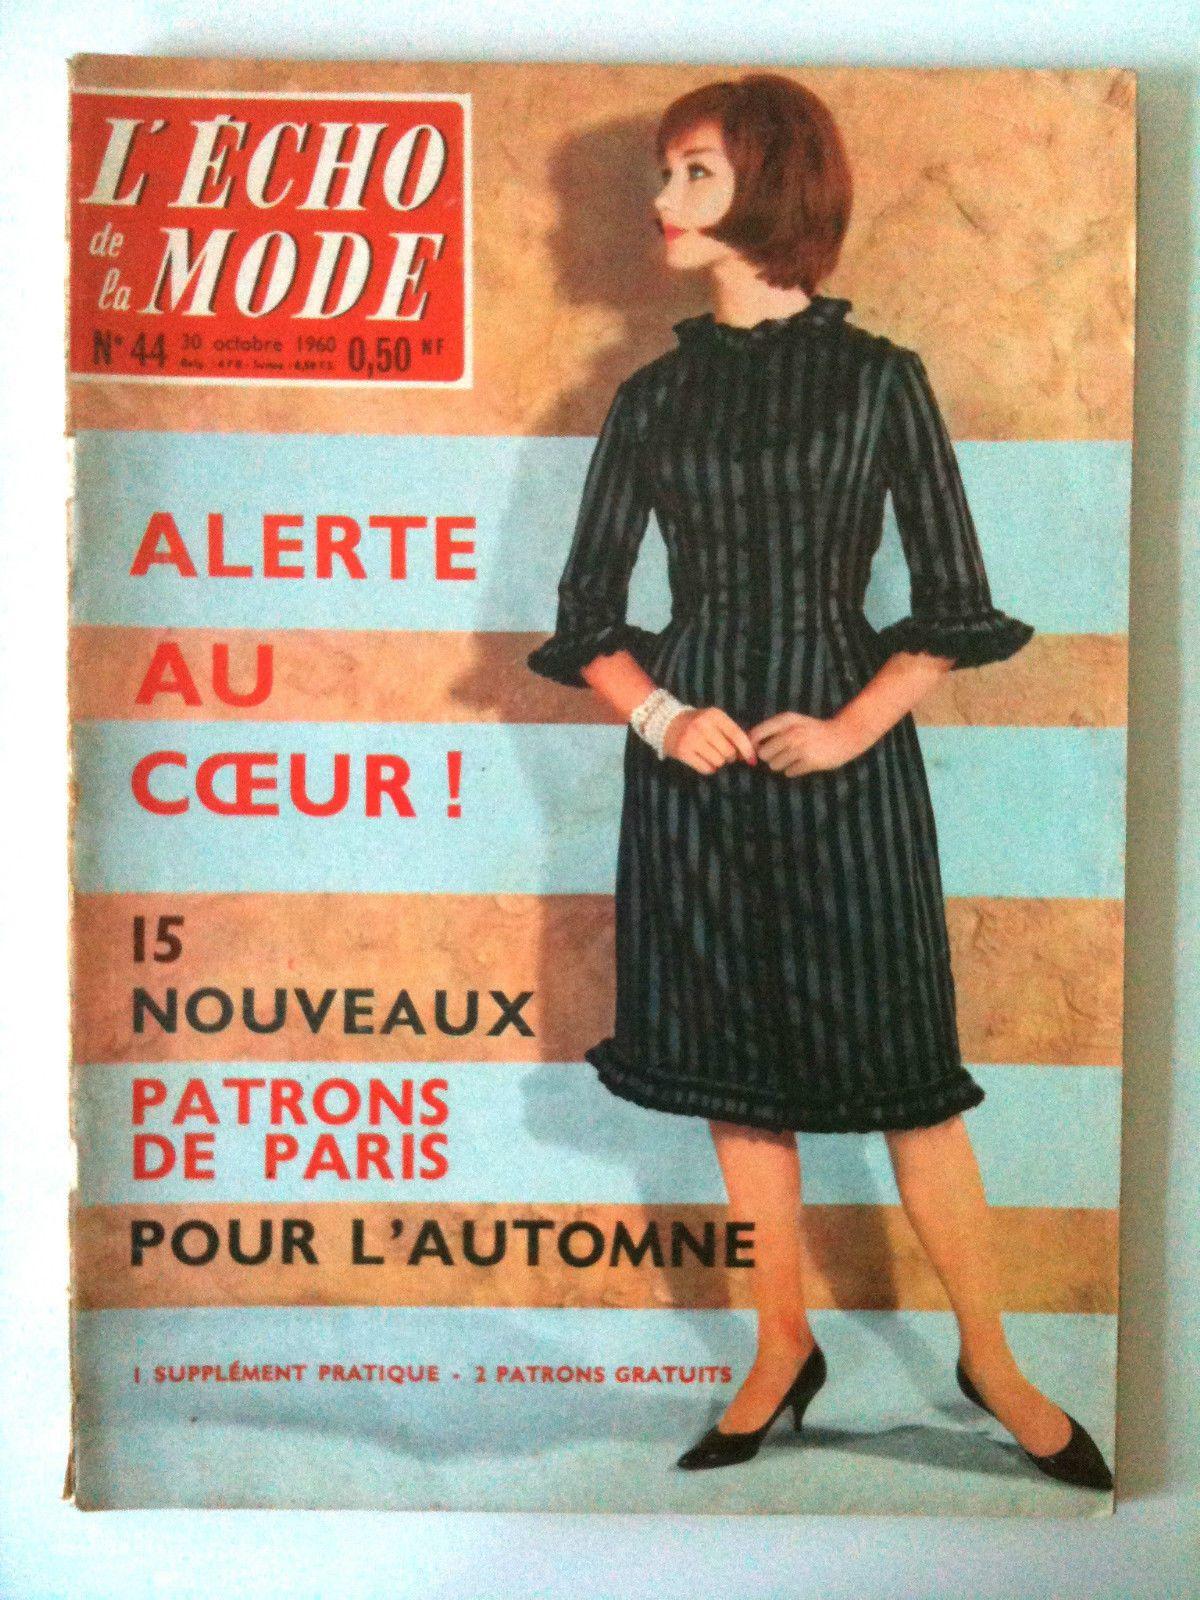 L Echo DE LA Mode N° 44 Année 1960 Mode Patron Cuisine Ouvrage   eBay 6947ee41a02